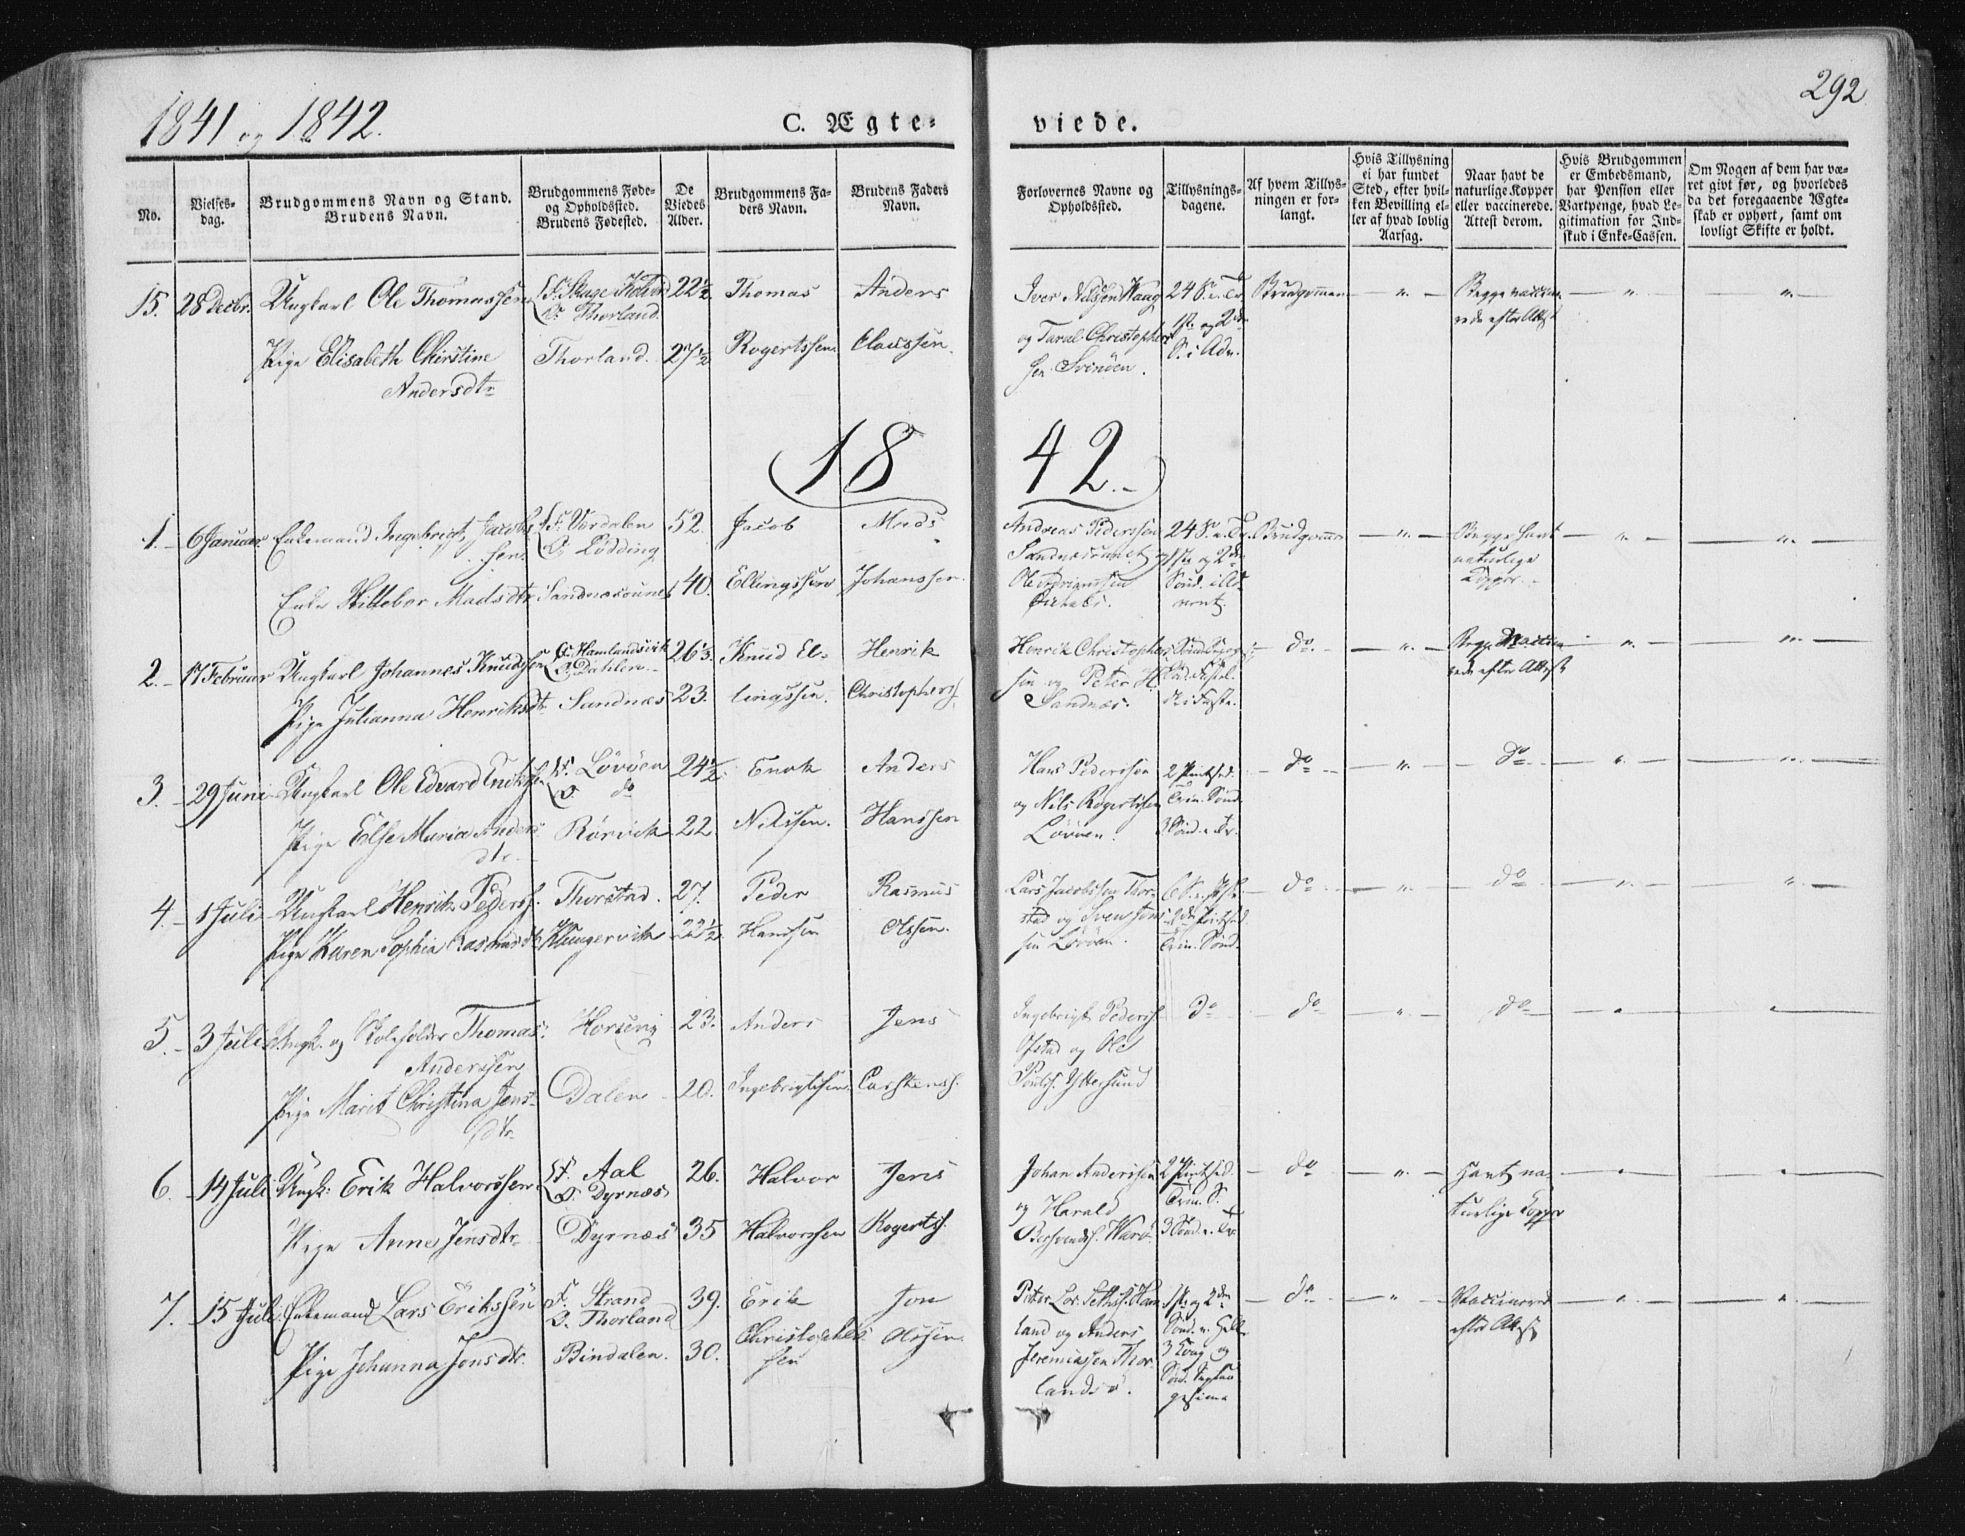 SAT, Ministerialprotokoller, klokkerbøker og fødselsregistre - Nord-Trøndelag, 784/L0669: Ministerialbok nr. 784A04, 1829-1859, s. 292